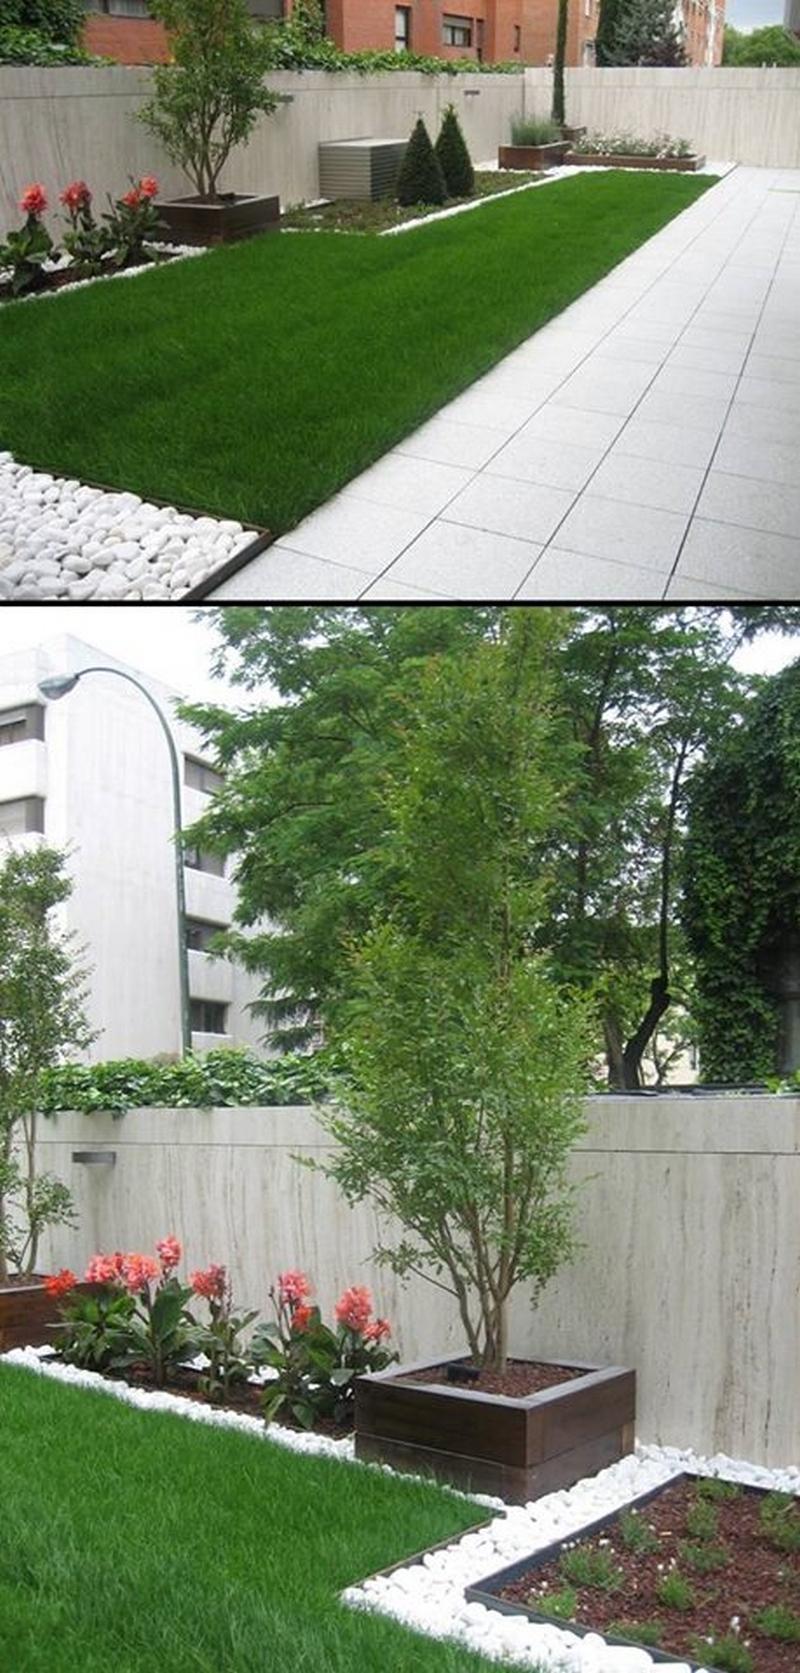 decor ideas for garden